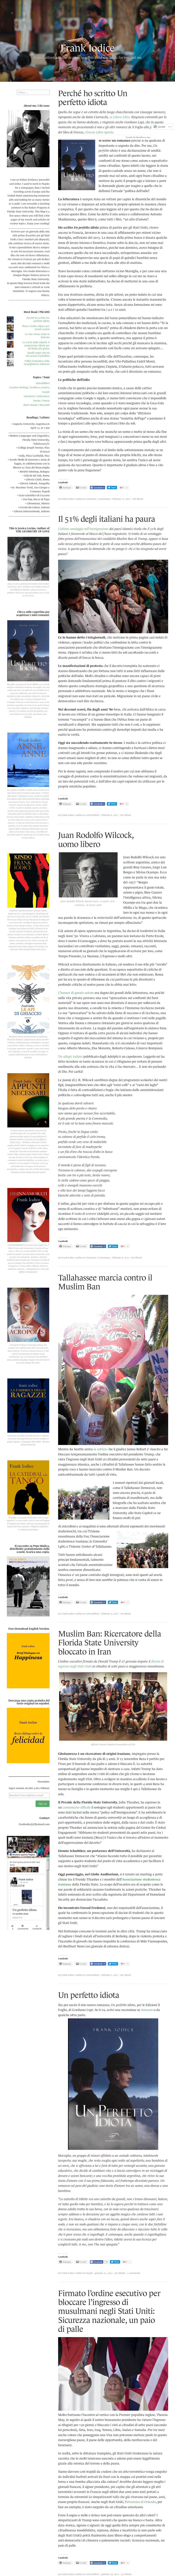 siti di incontri a Tallahassee FL profili di siti di incontri cattivi